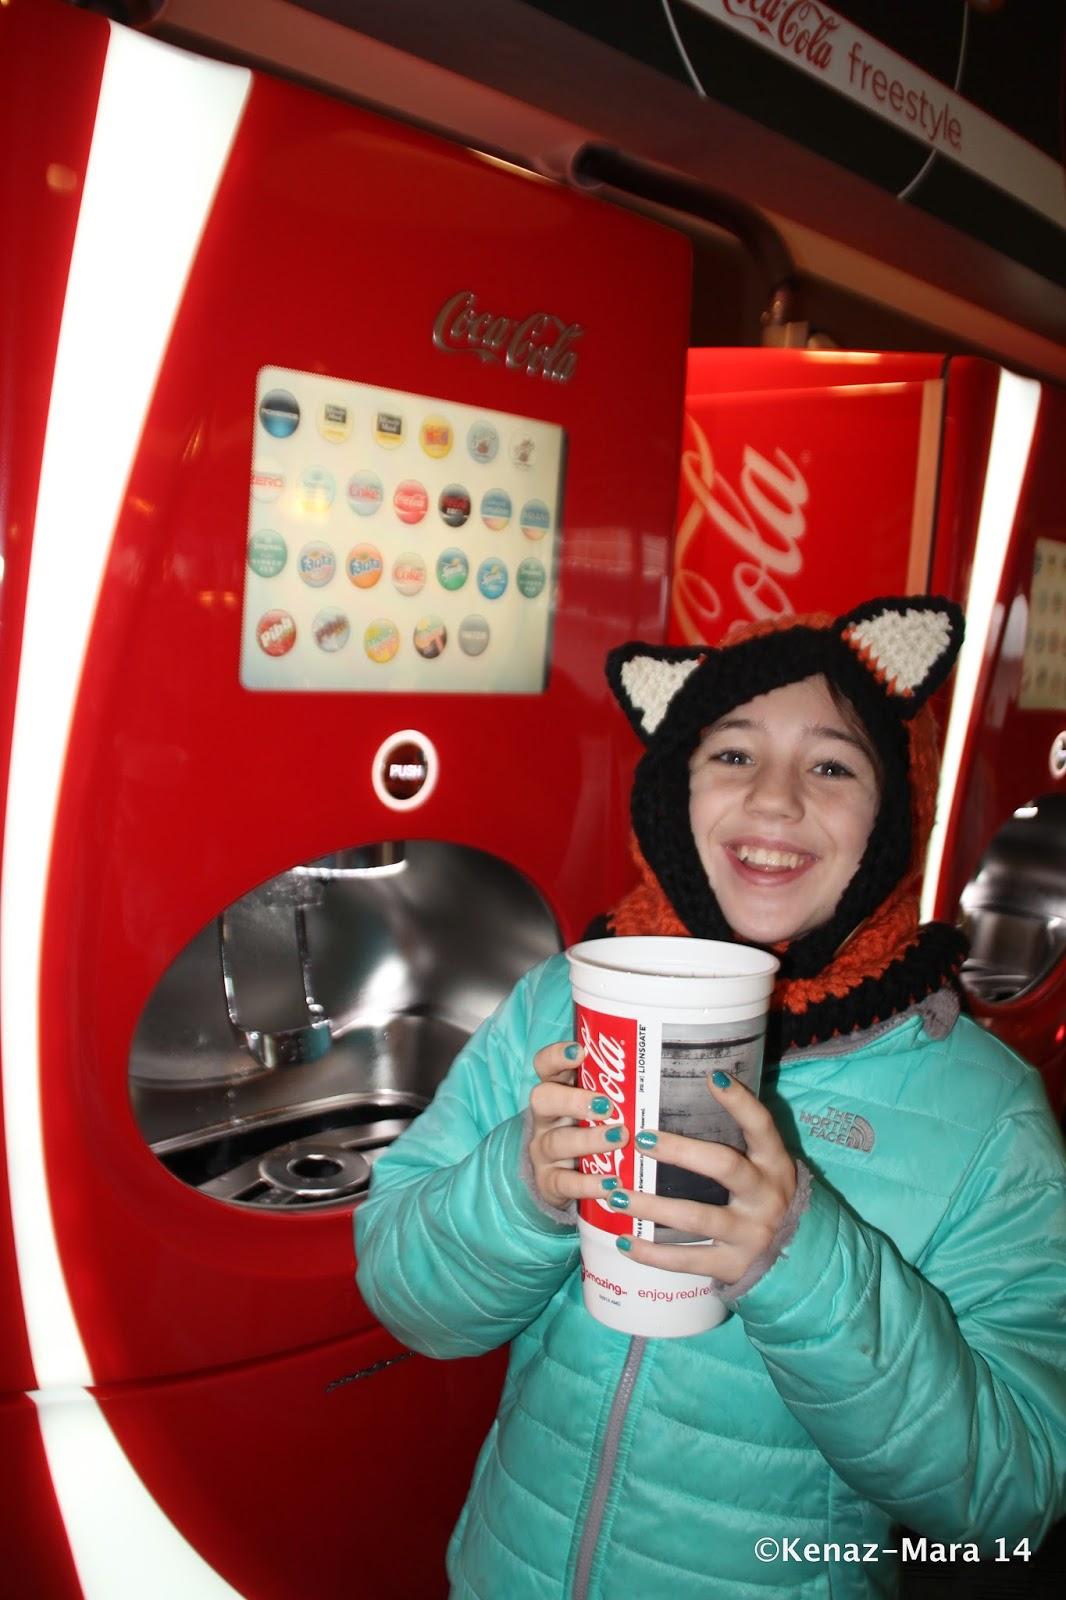 ChiIL Mama : Coca-Cola Fueled Adventures At AMC Theatres